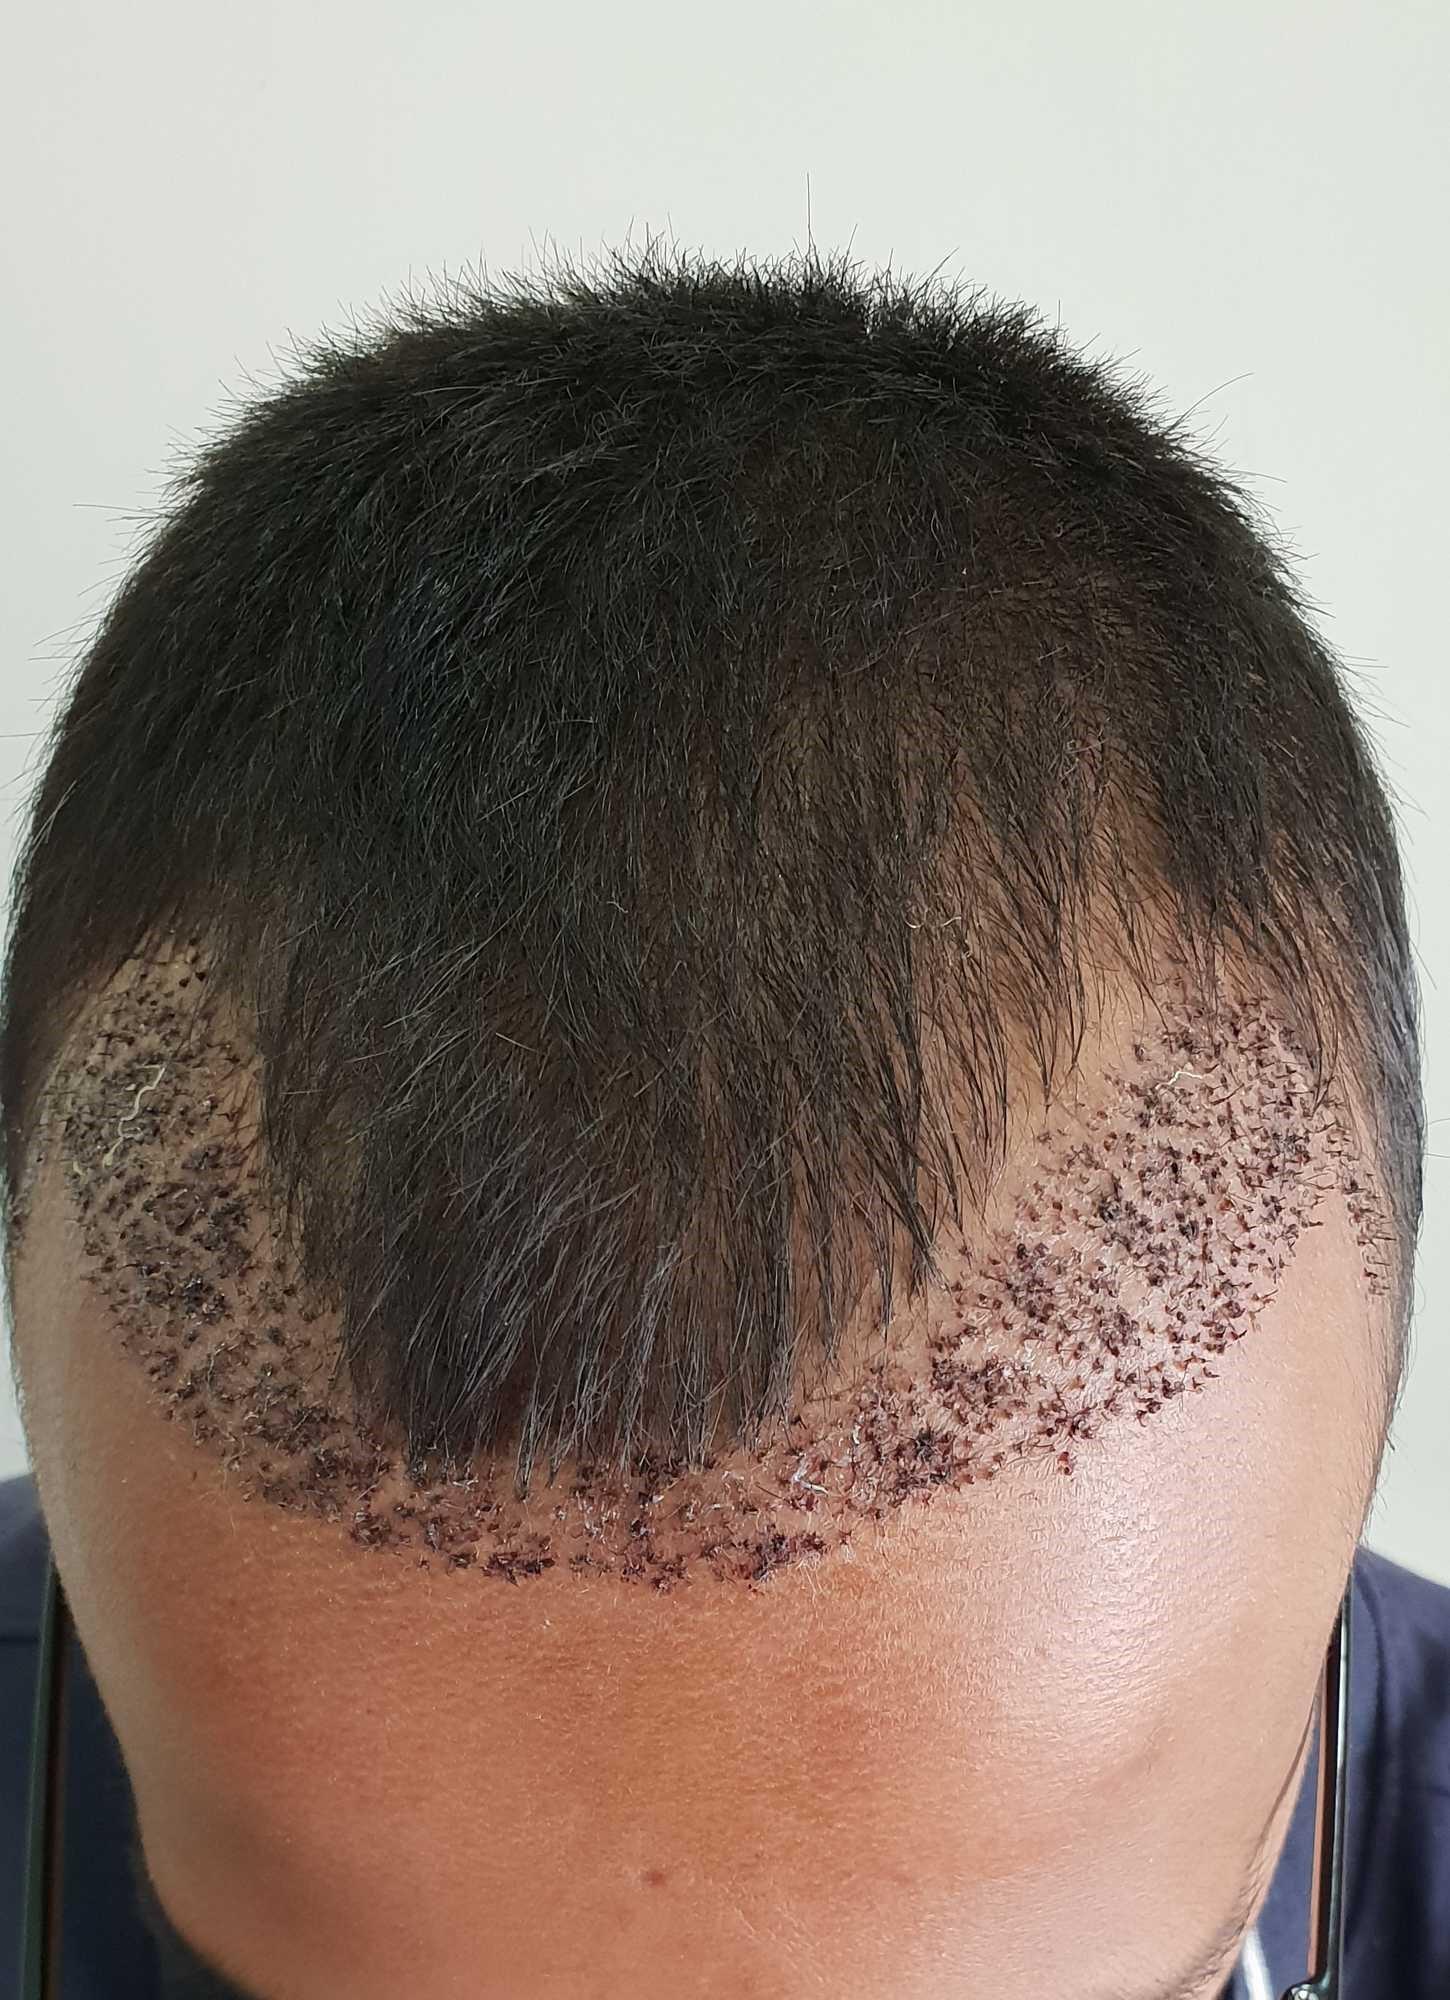 هزینه انواع کاشت مو در 1400 چقدر است؟